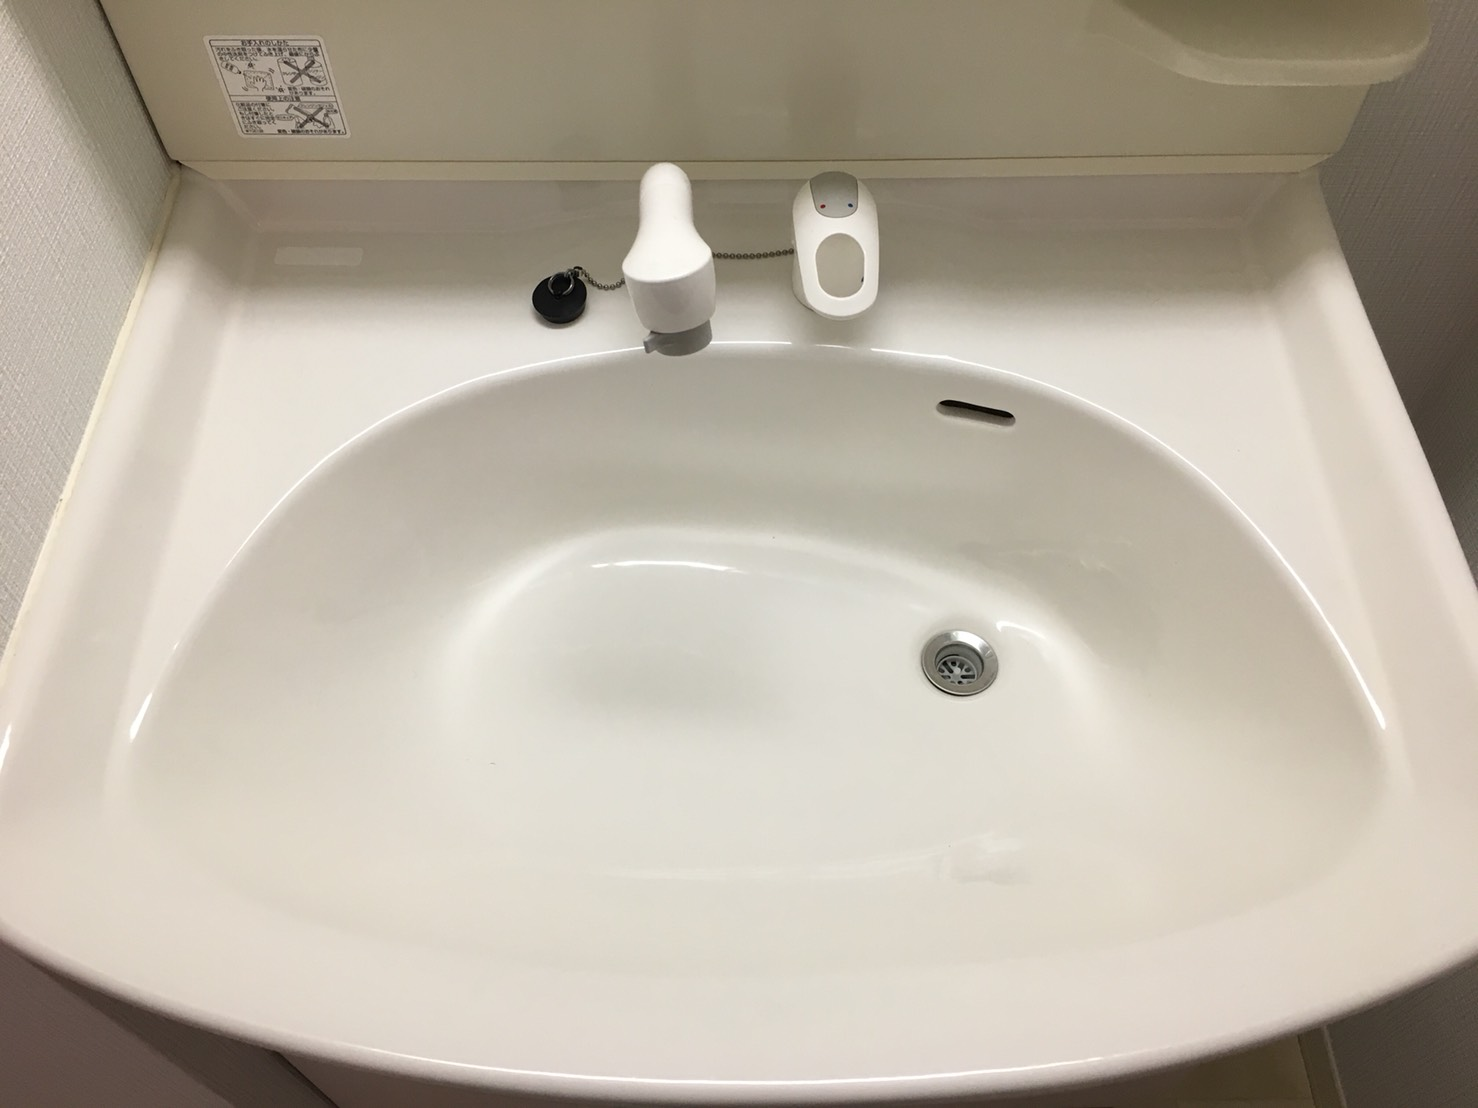 洗面台クリーニング♪主婦の口コミ人気NO.1のハウスクリーニング/毎日のお掃除、おそうじプラスでは、お見積はもちろん出張料も無料